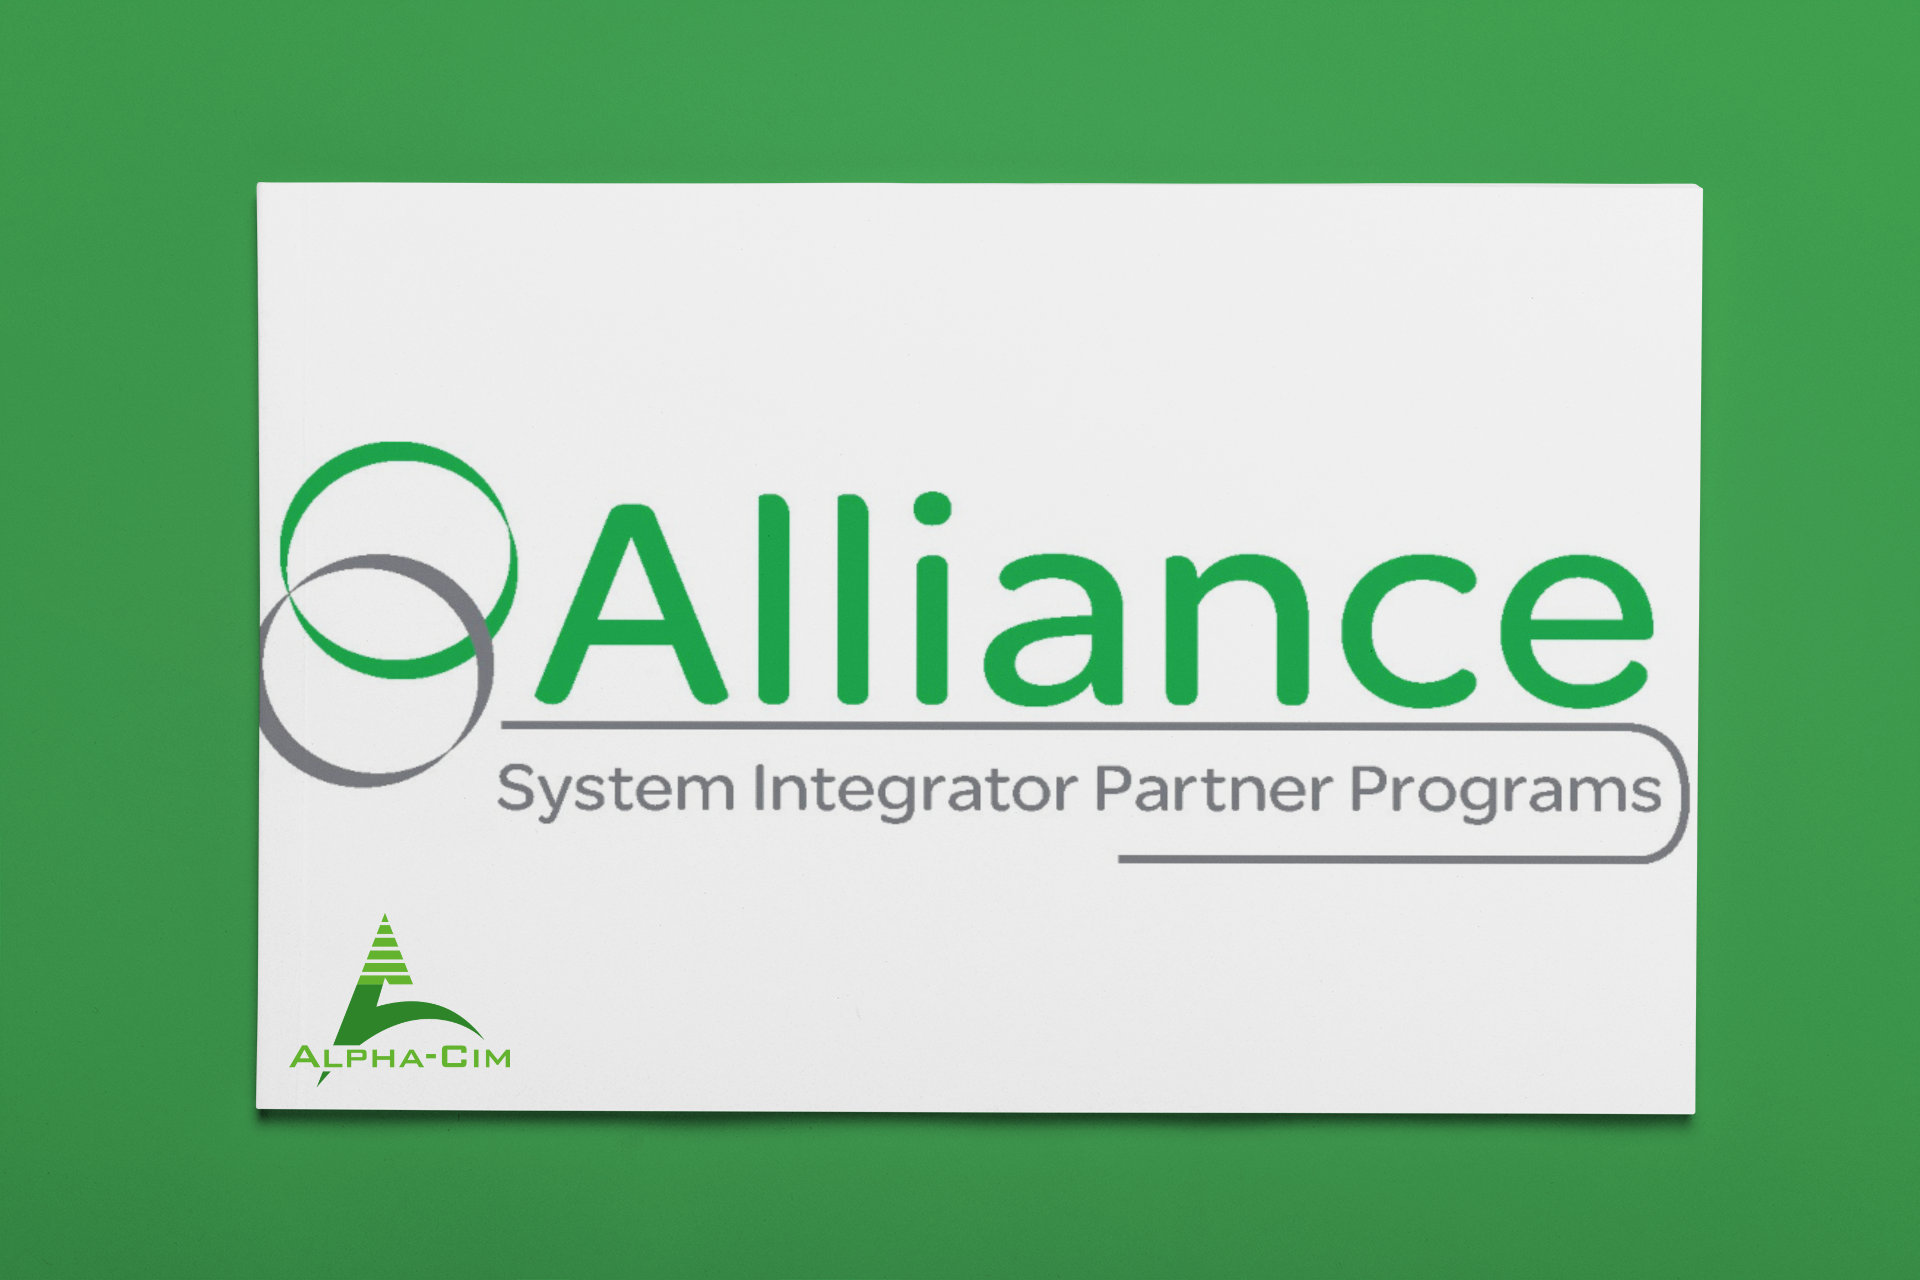 Image sur fond vert avec le logo Alliance de Schneider Electric et le logo ALPHA-CIM